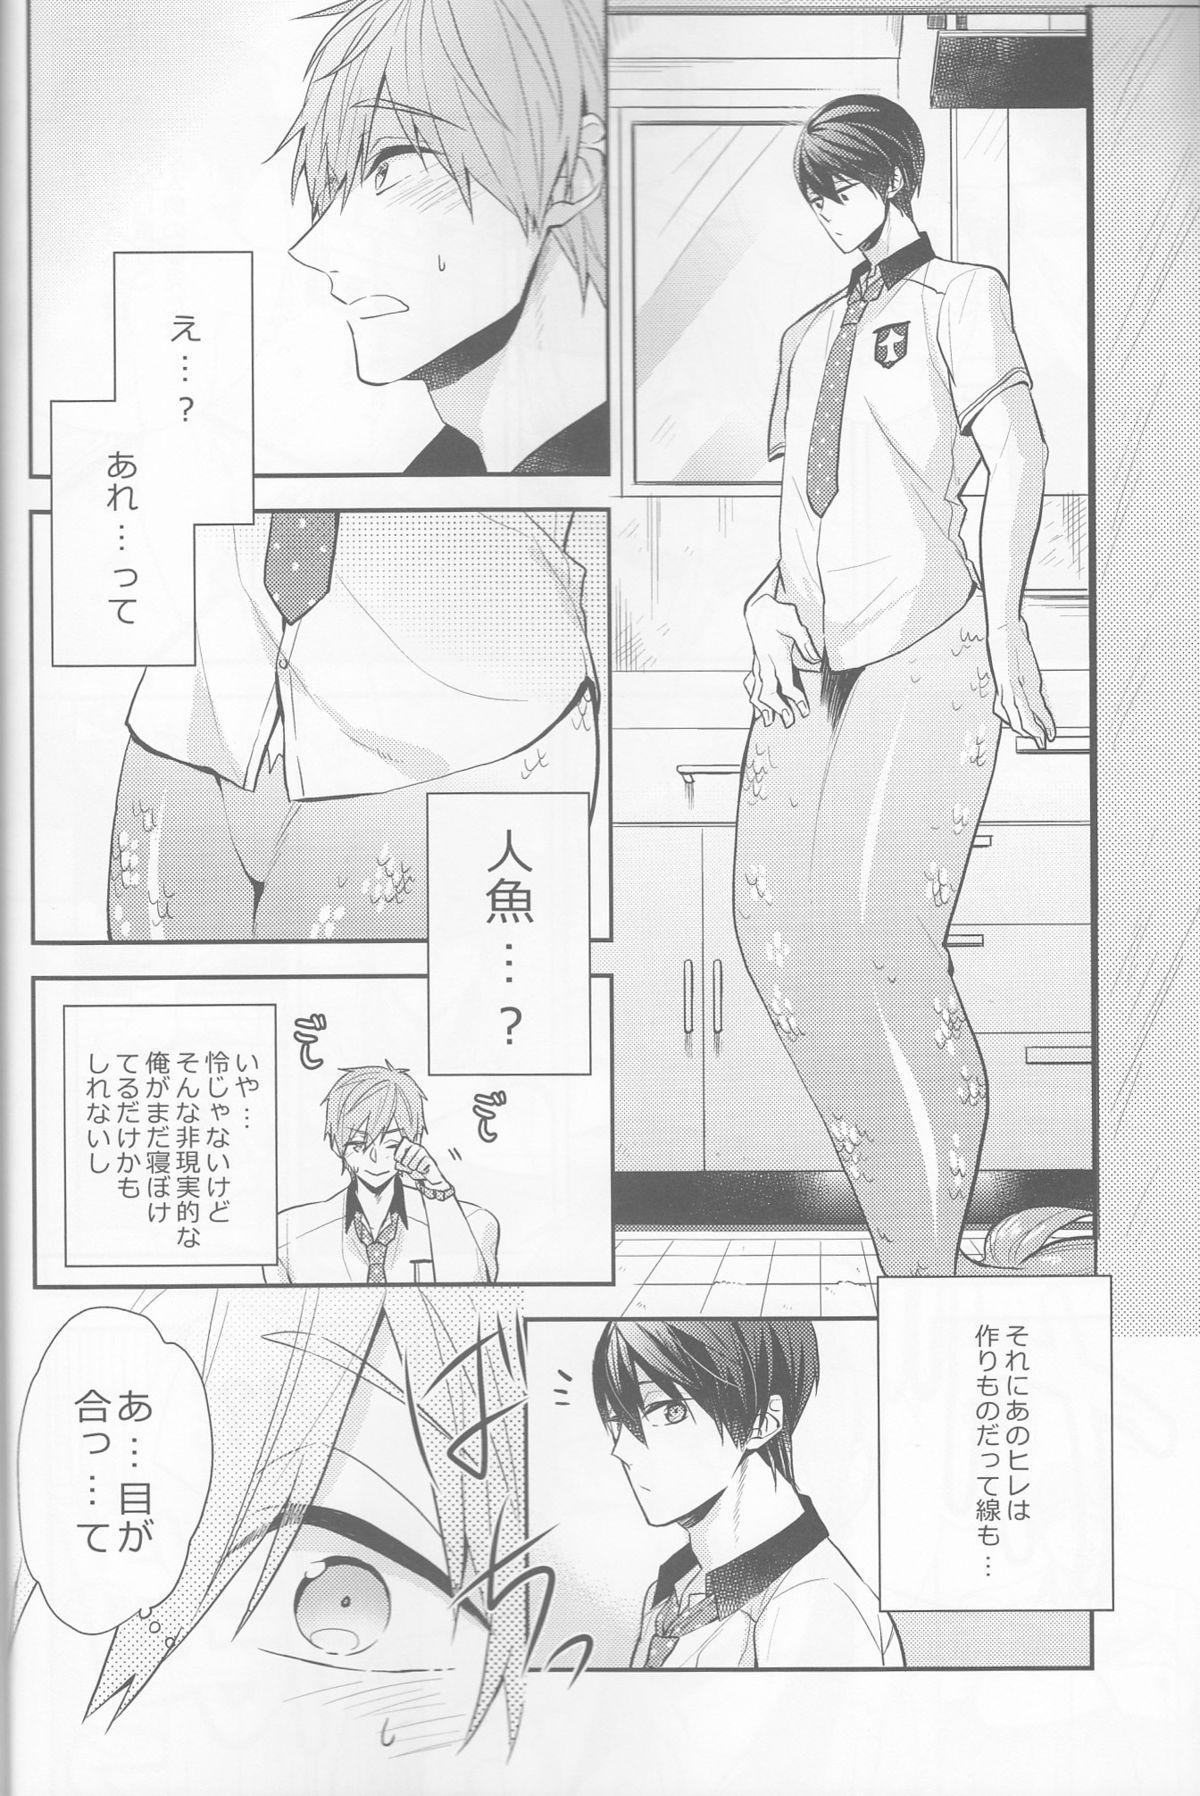 Manatsu no hakuchuumu 6